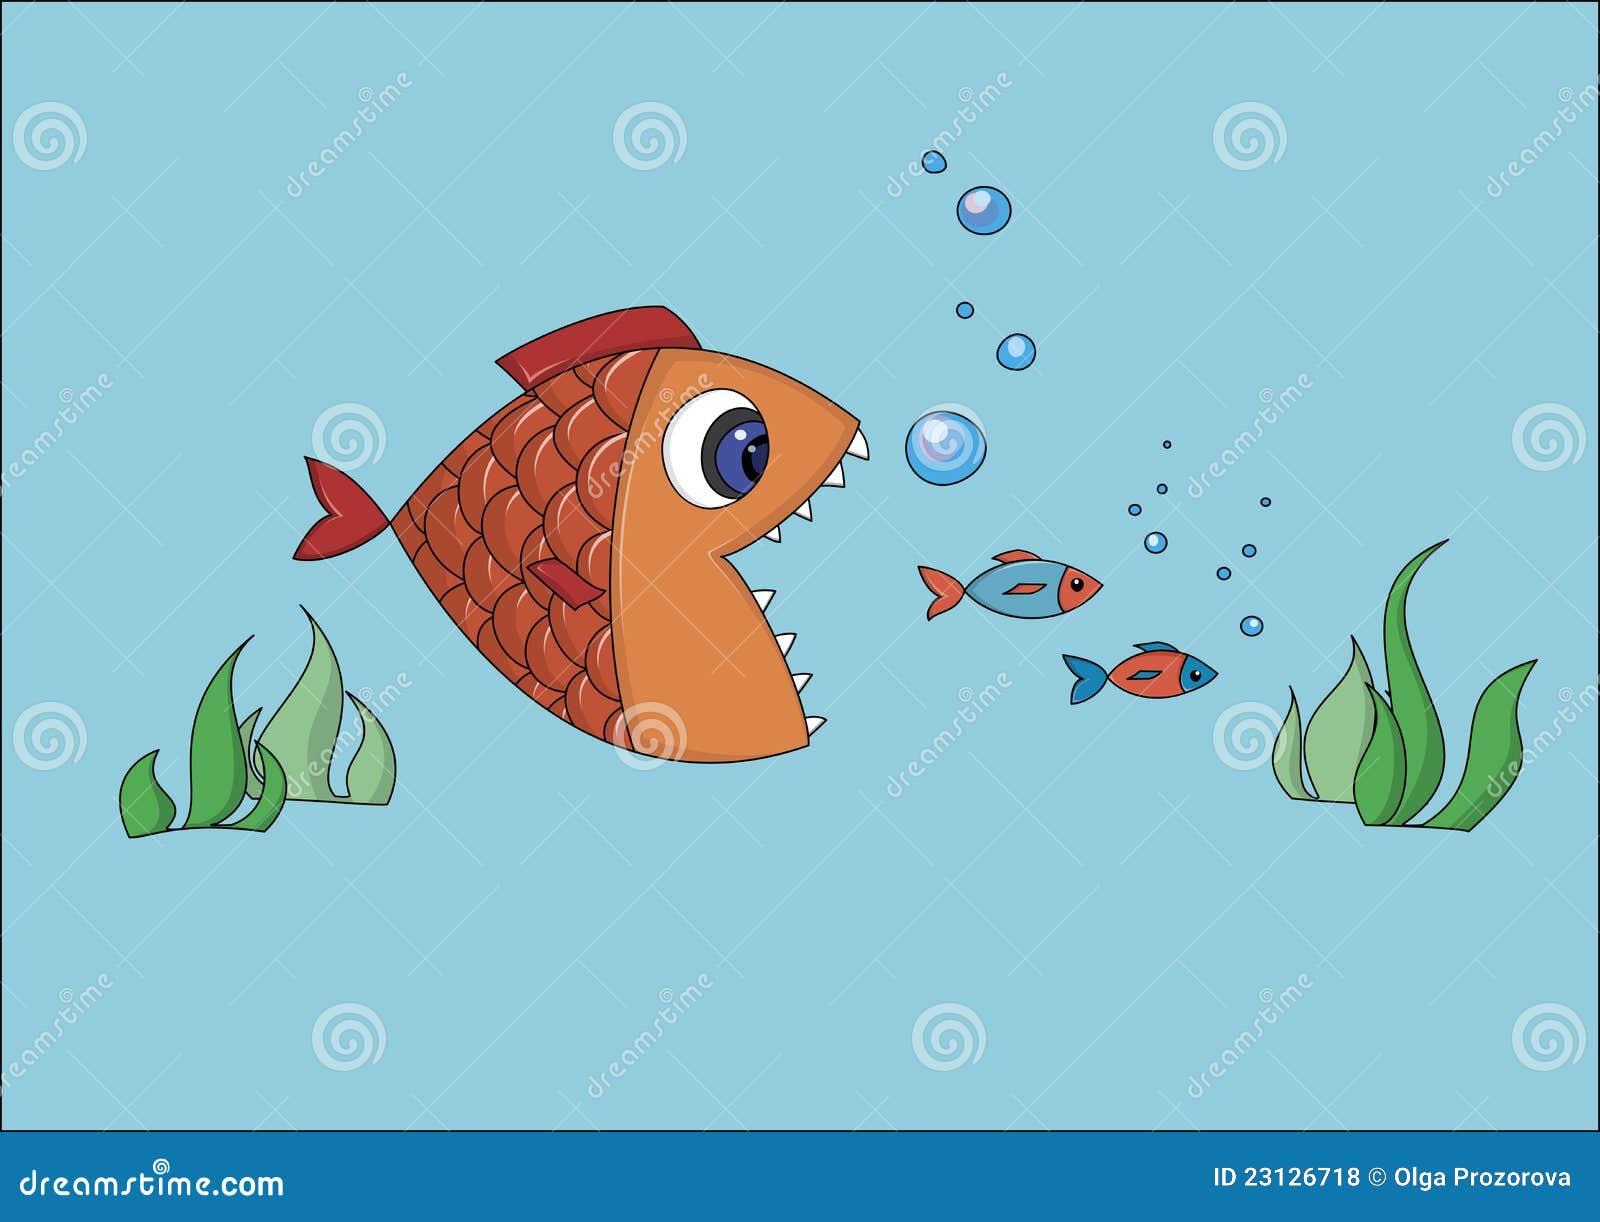 how to delete your plenty of fish account